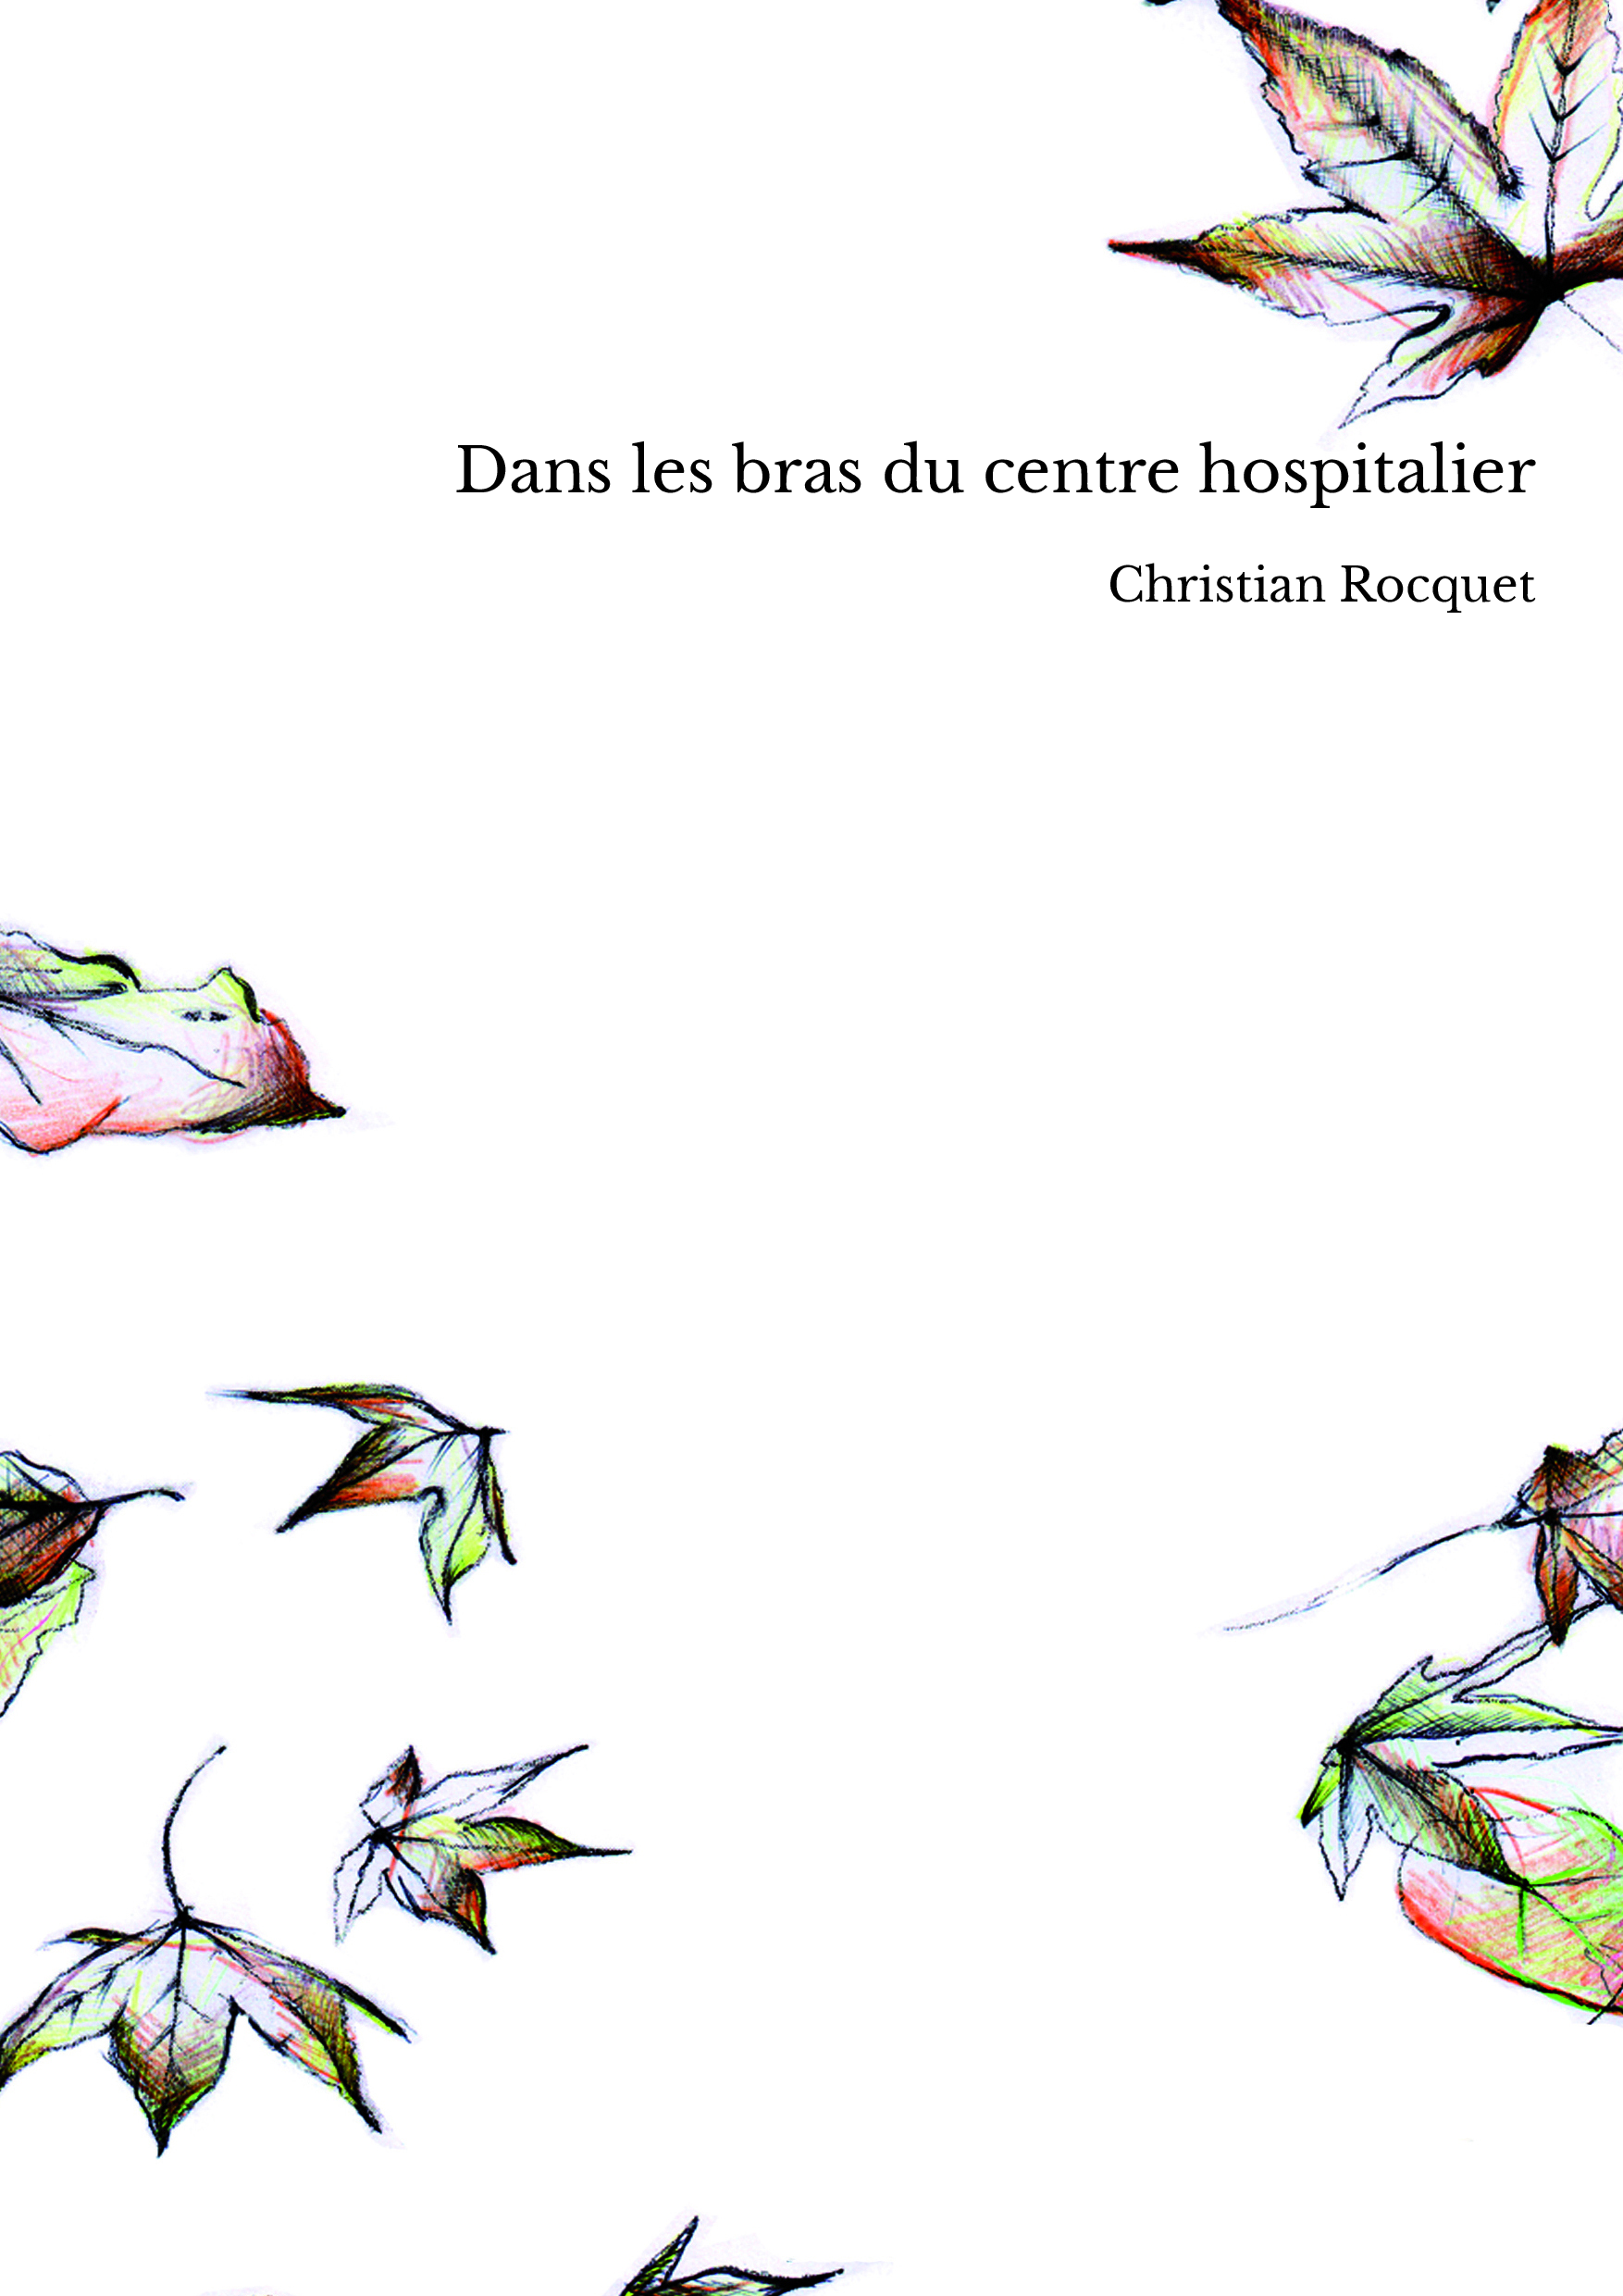 Dans les bras du centre hospitalier